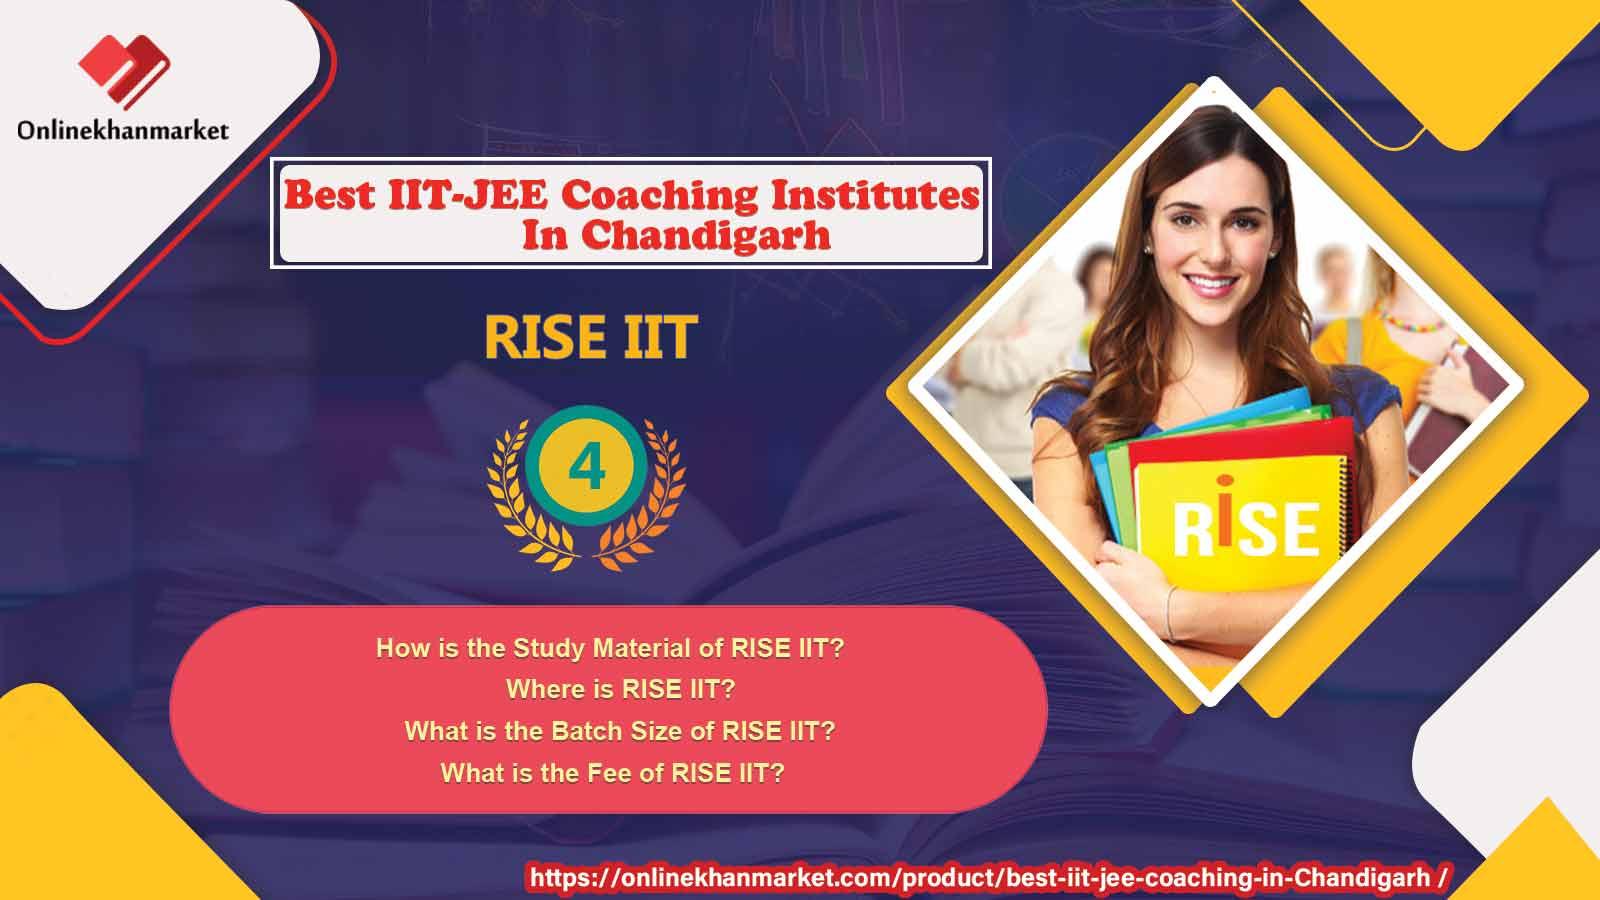 Best IIT Jee Coaching institutes in Chandigarh